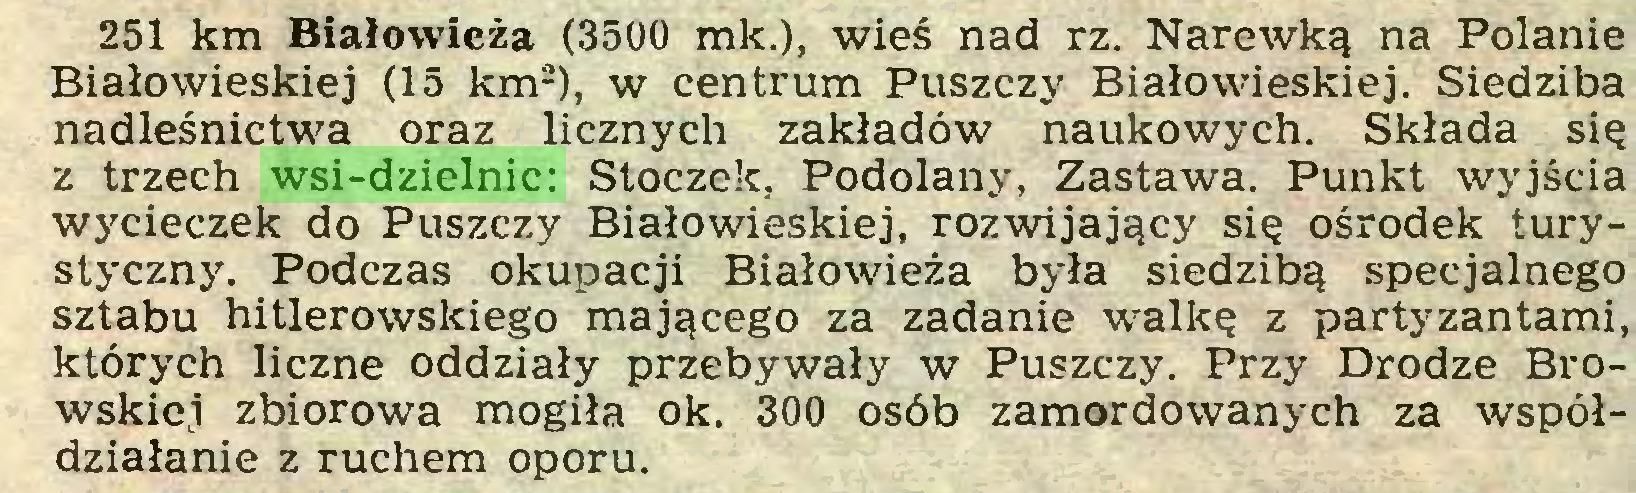 (...) 251 km Białowieża (3500 mk.), wieś nad rz. Narewką na Polanie Białowieskiej (15 km2), w centrum Puszczy Białowieskiej. Siedziba nadleśnictwa oraz licznych zakładów naukowych. Składa się z trzech wsi-dzielnic: Stoczek, Podolany, Zastawa. Punkt wyjścia wycieczek do Puszczy Białowieskiej, rozwijający się ośrodek turystyczny. Podczas okupacji Białowieża była siedzibą specjalnego sztabu hitlerowskiego mającego za zadanie walkę z partyzantami, których liczne oddziały przebywały w Puszczy. Przy Drodze Browskiej zbiorowa mogiła ok. 300 osób zamordowanych za współdziałanie z ruchem oporu...